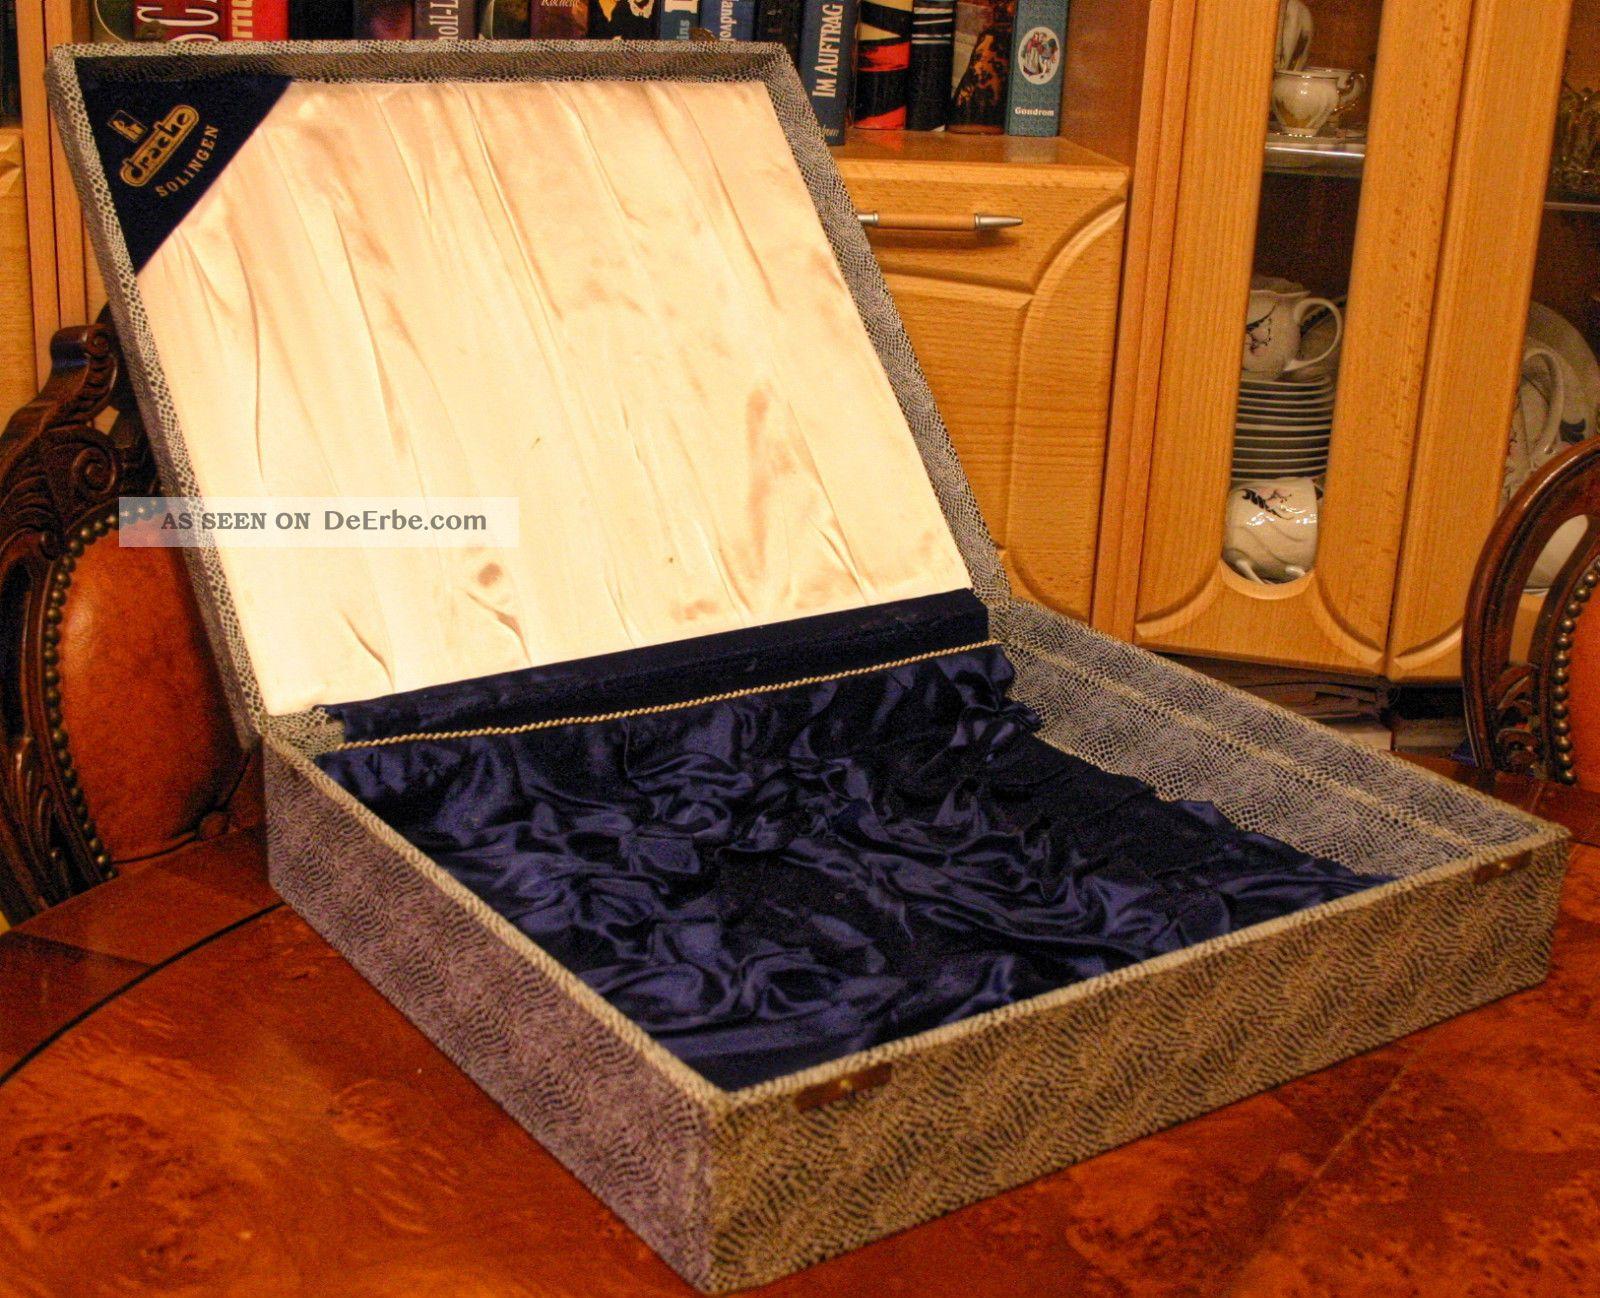 silber besteck kasten koffer leer slber drache solingen 47 5 x 40 5x10 cm. Black Bedroom Furniture Sets. Home Design Ideas